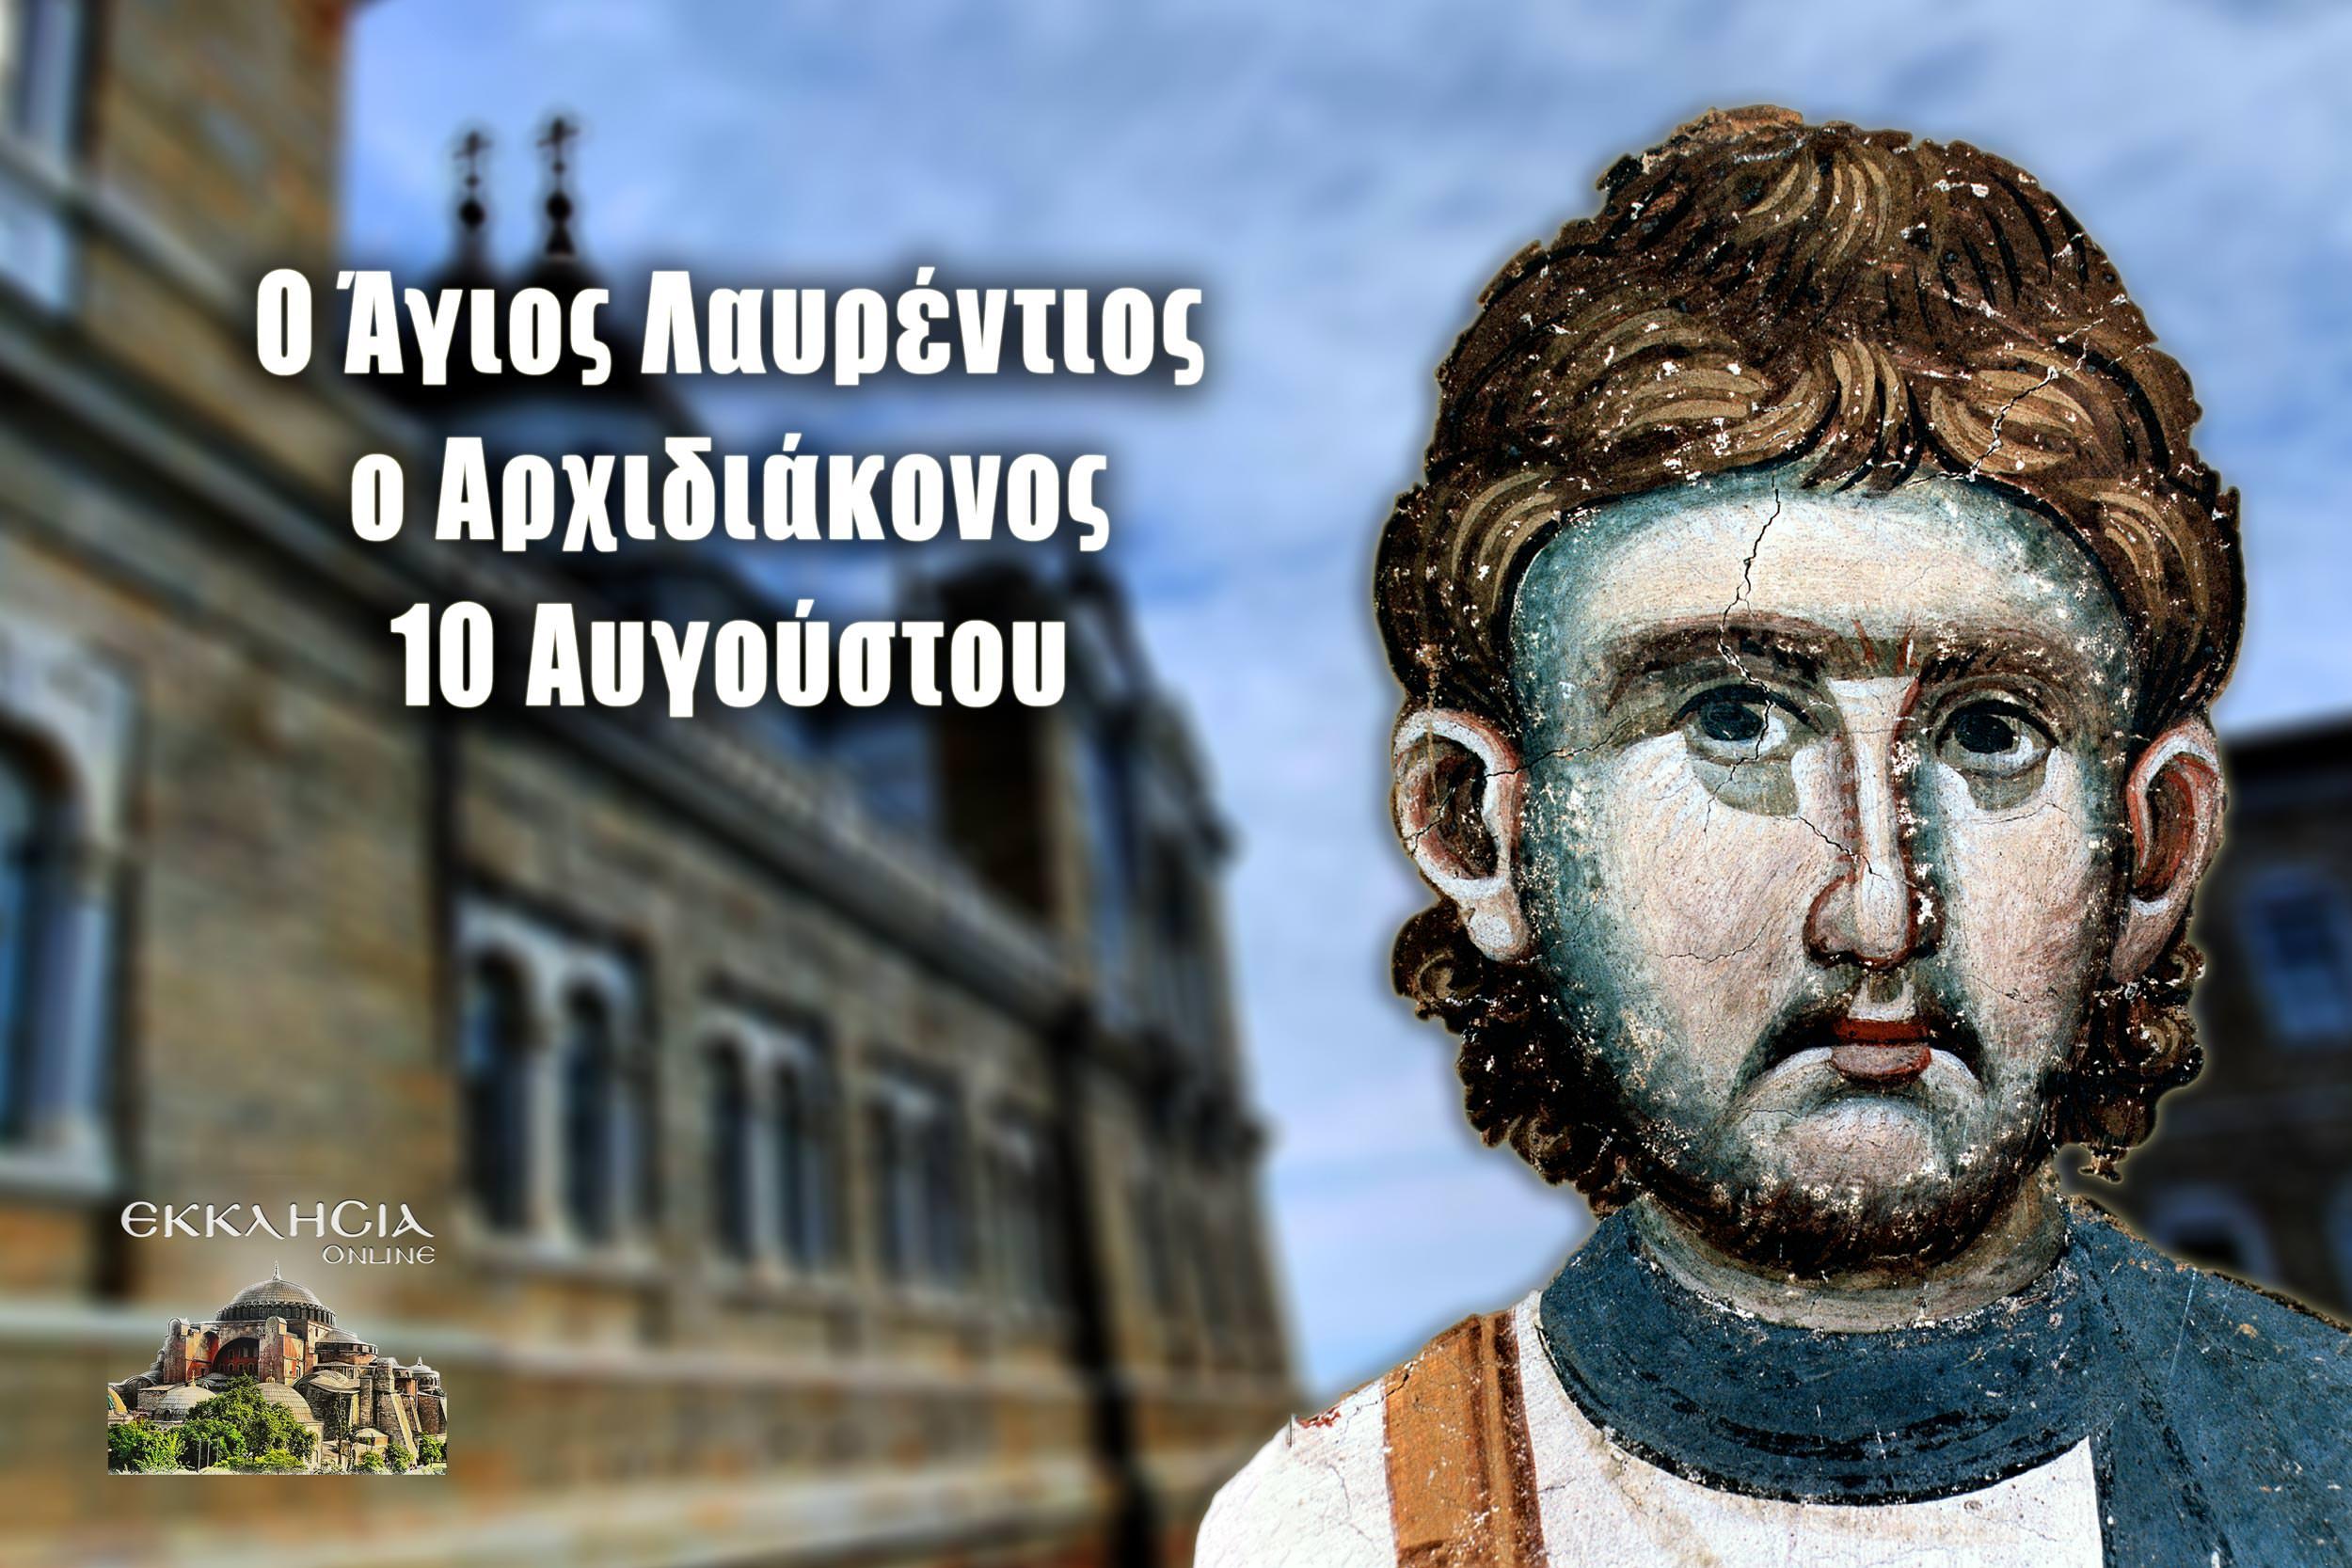 Άγιος Λαυρέντιος Αρχιδιάκονος 10 Αυγούστου